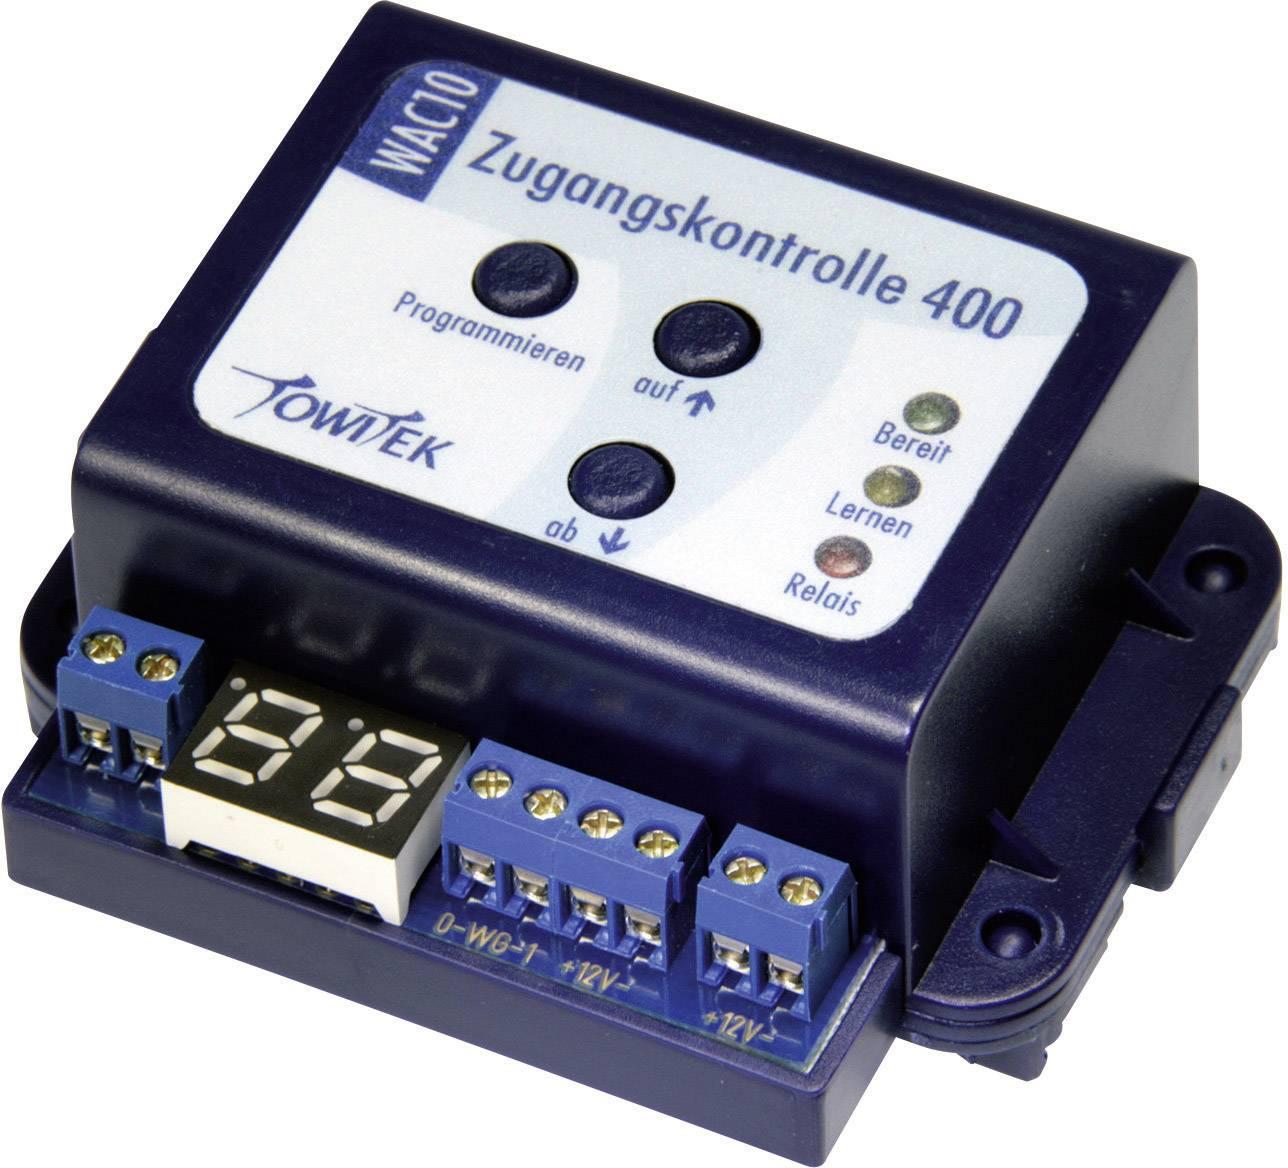 Univerzální přístupový kontrolér UAC400